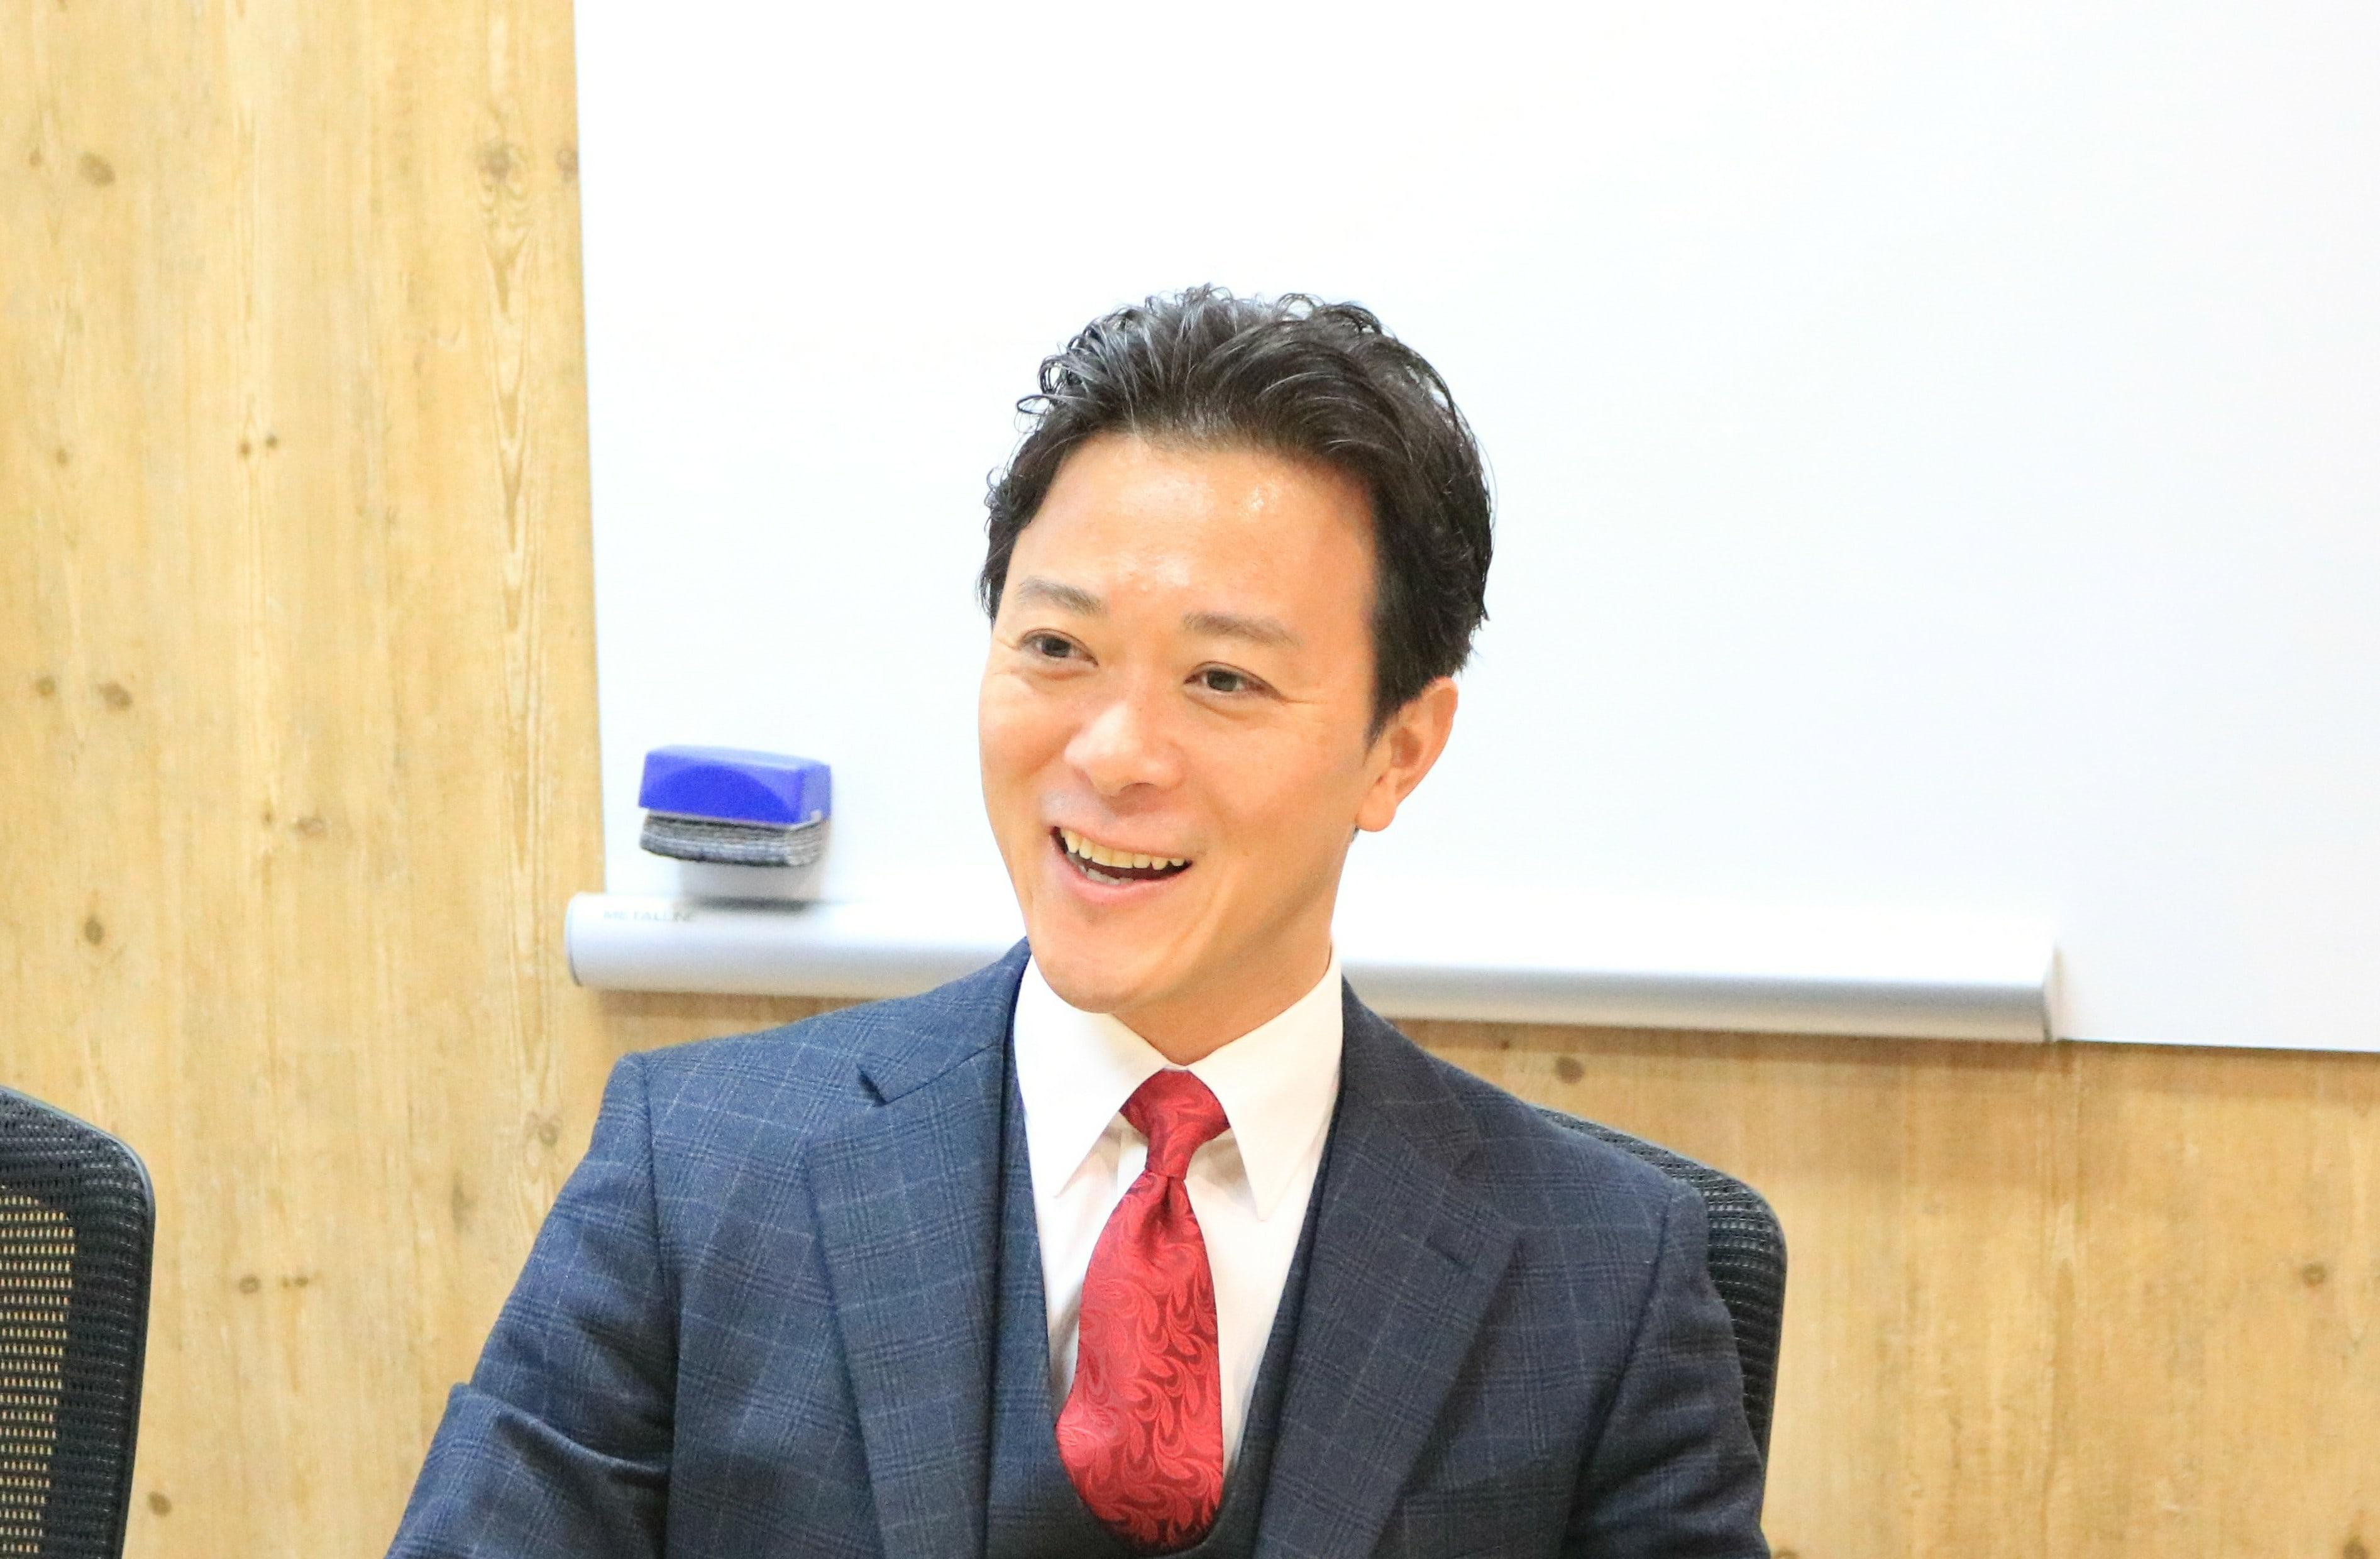 みらいワークス 岡本祥治 社会起業家 フリーランス